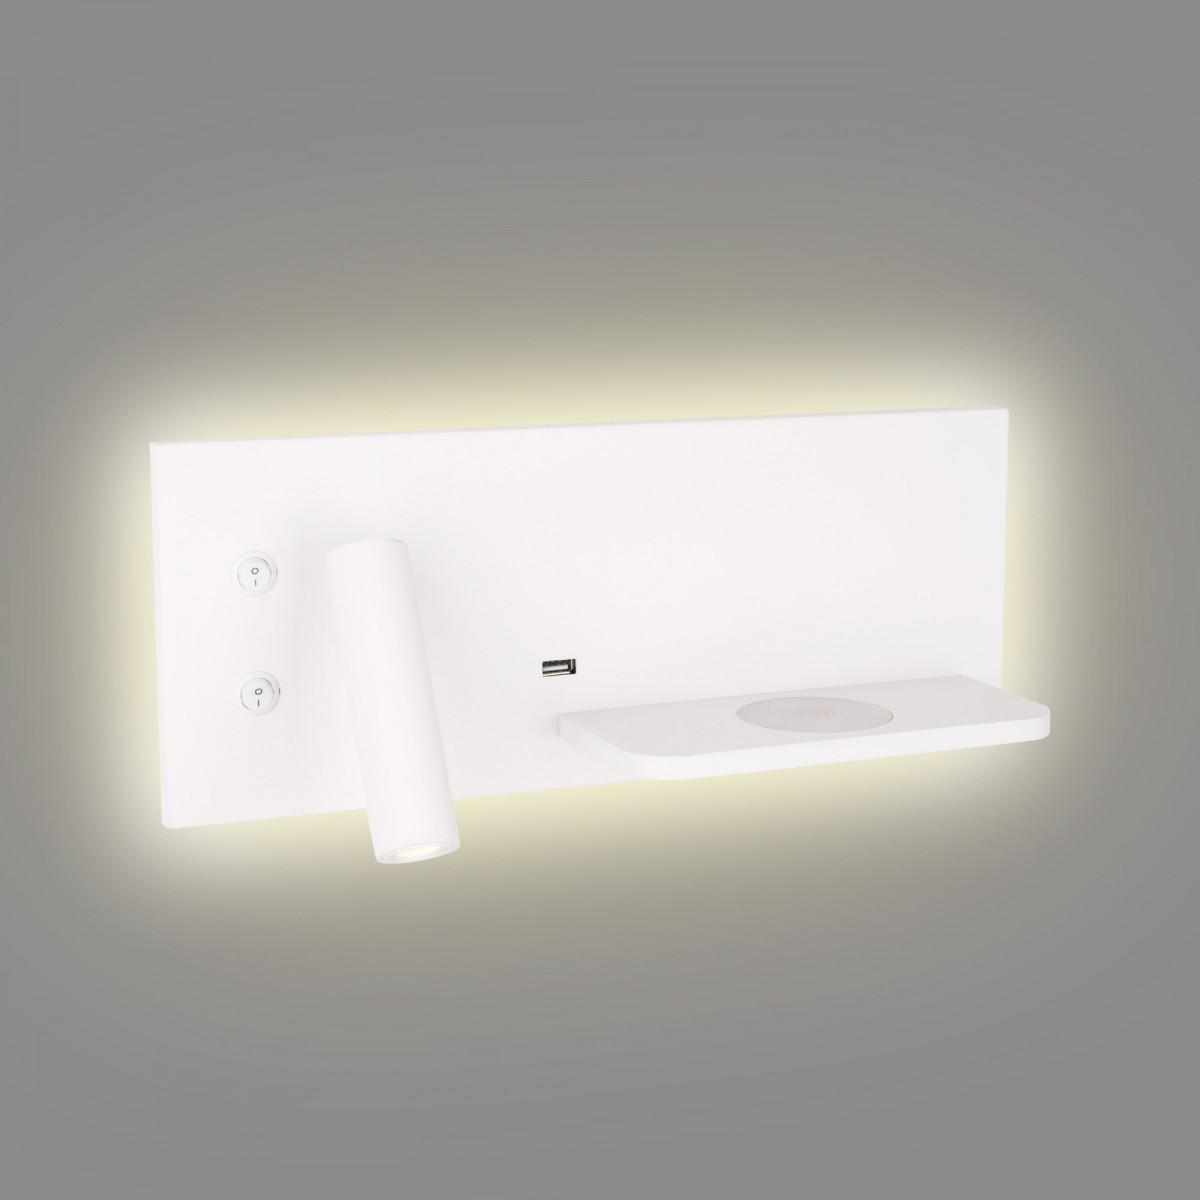 MAXlight Superior Kinkiet 3W+6W LED 240lm+300lm z Gniazdem USB i Ładowarką Indukcyjną Biały W0291